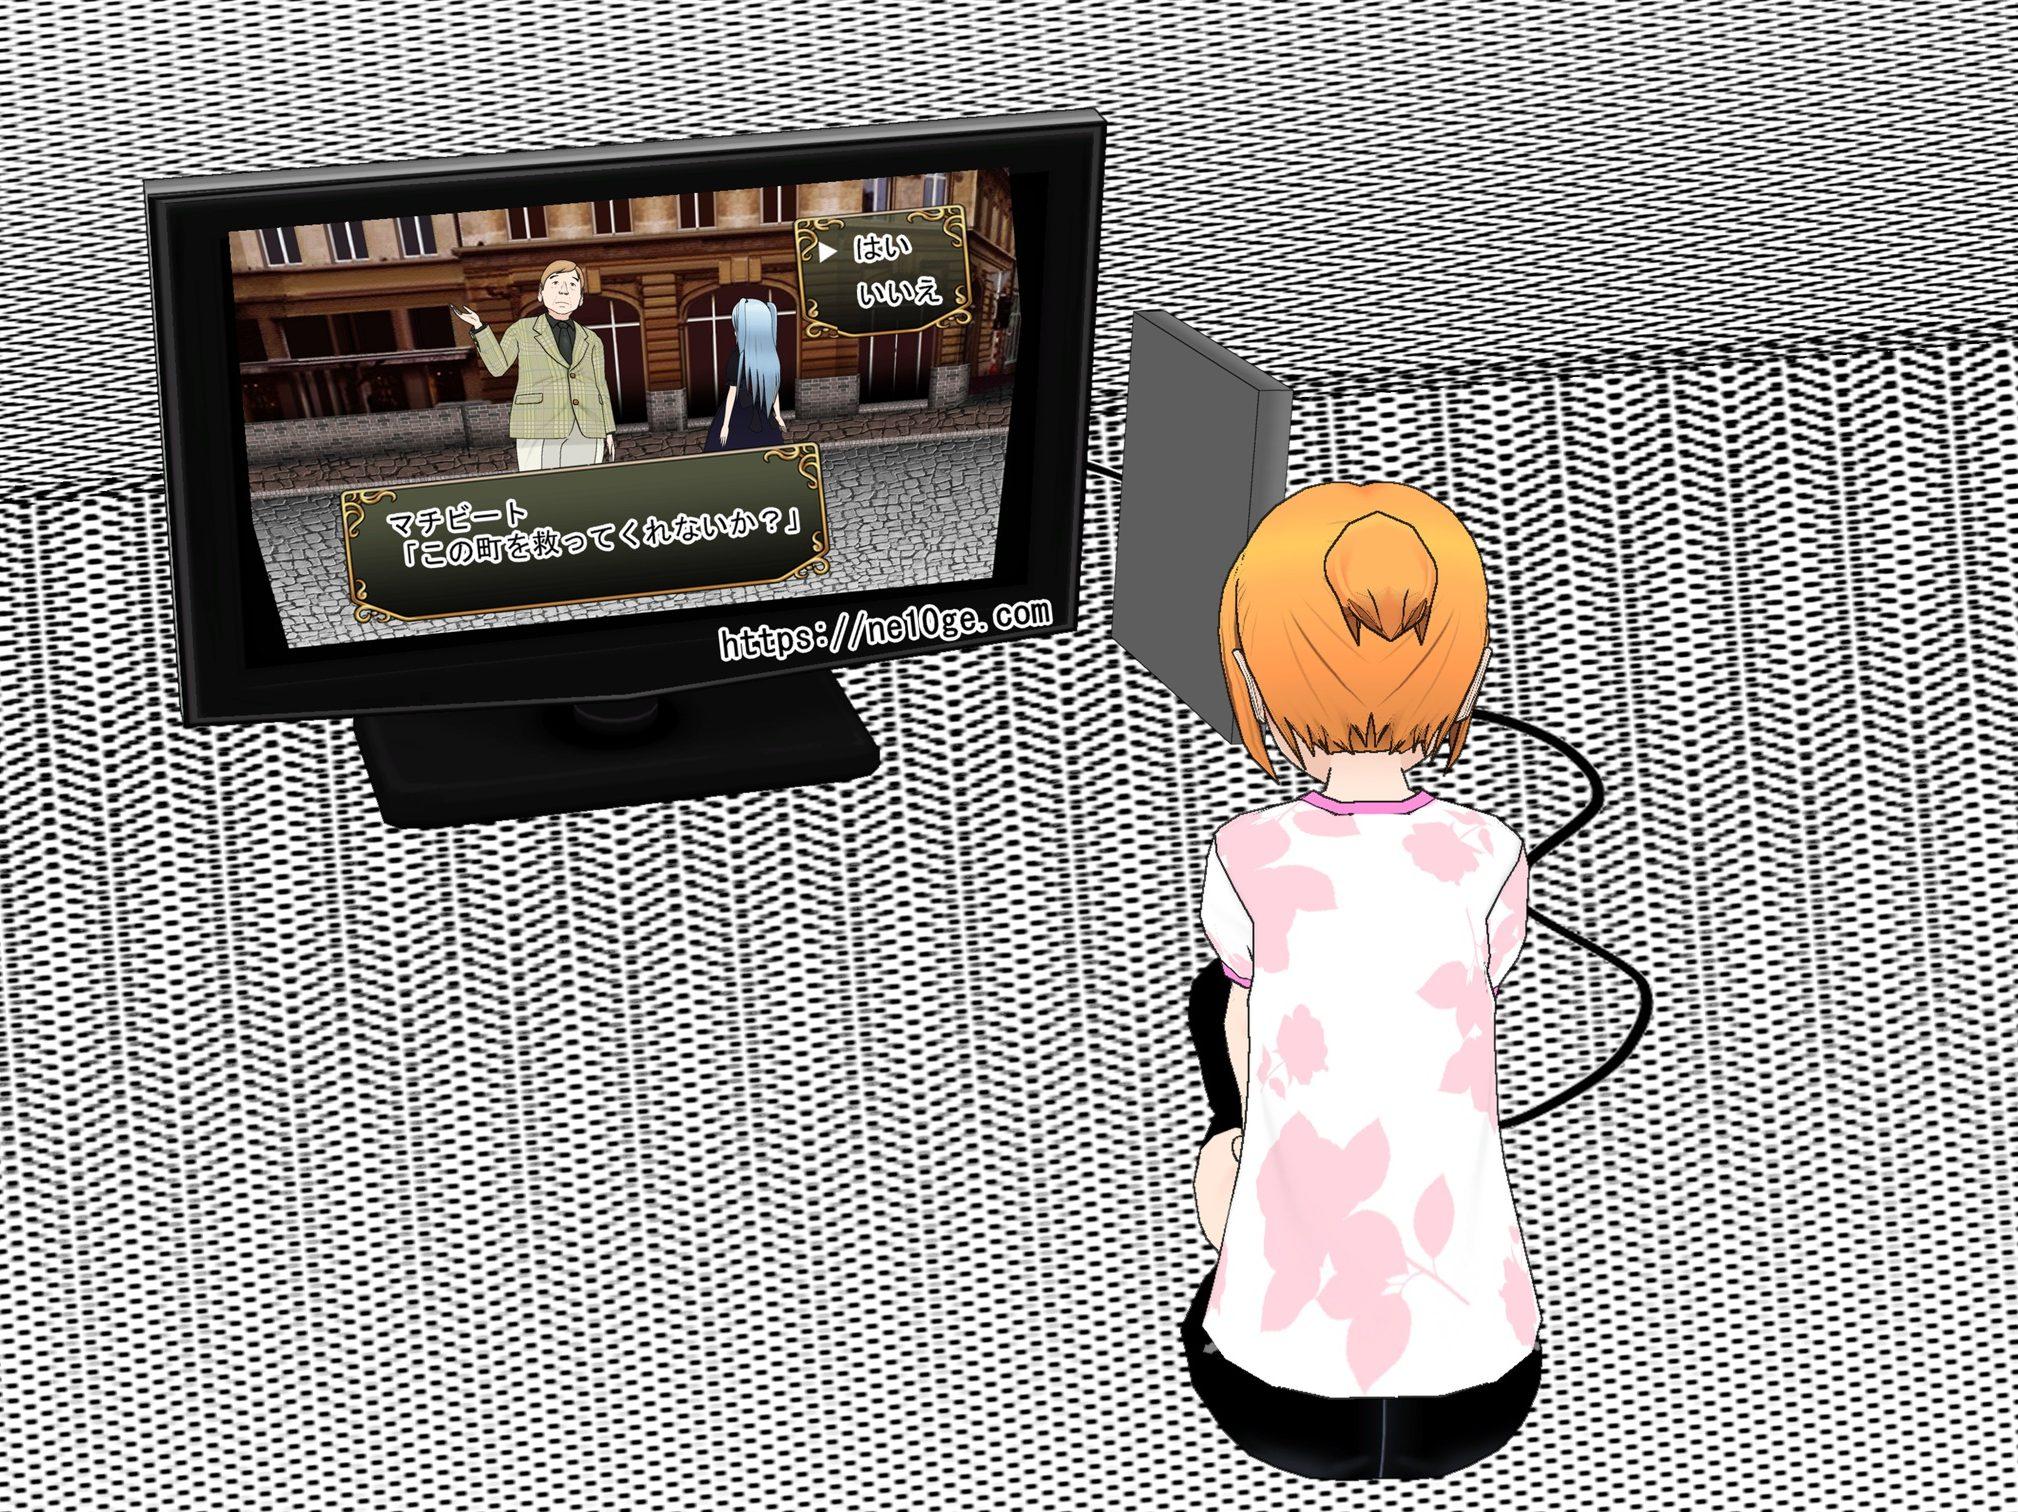 最初はオフラインゲーム感覚でネトゲ、オンラインゲームを遊んでいた